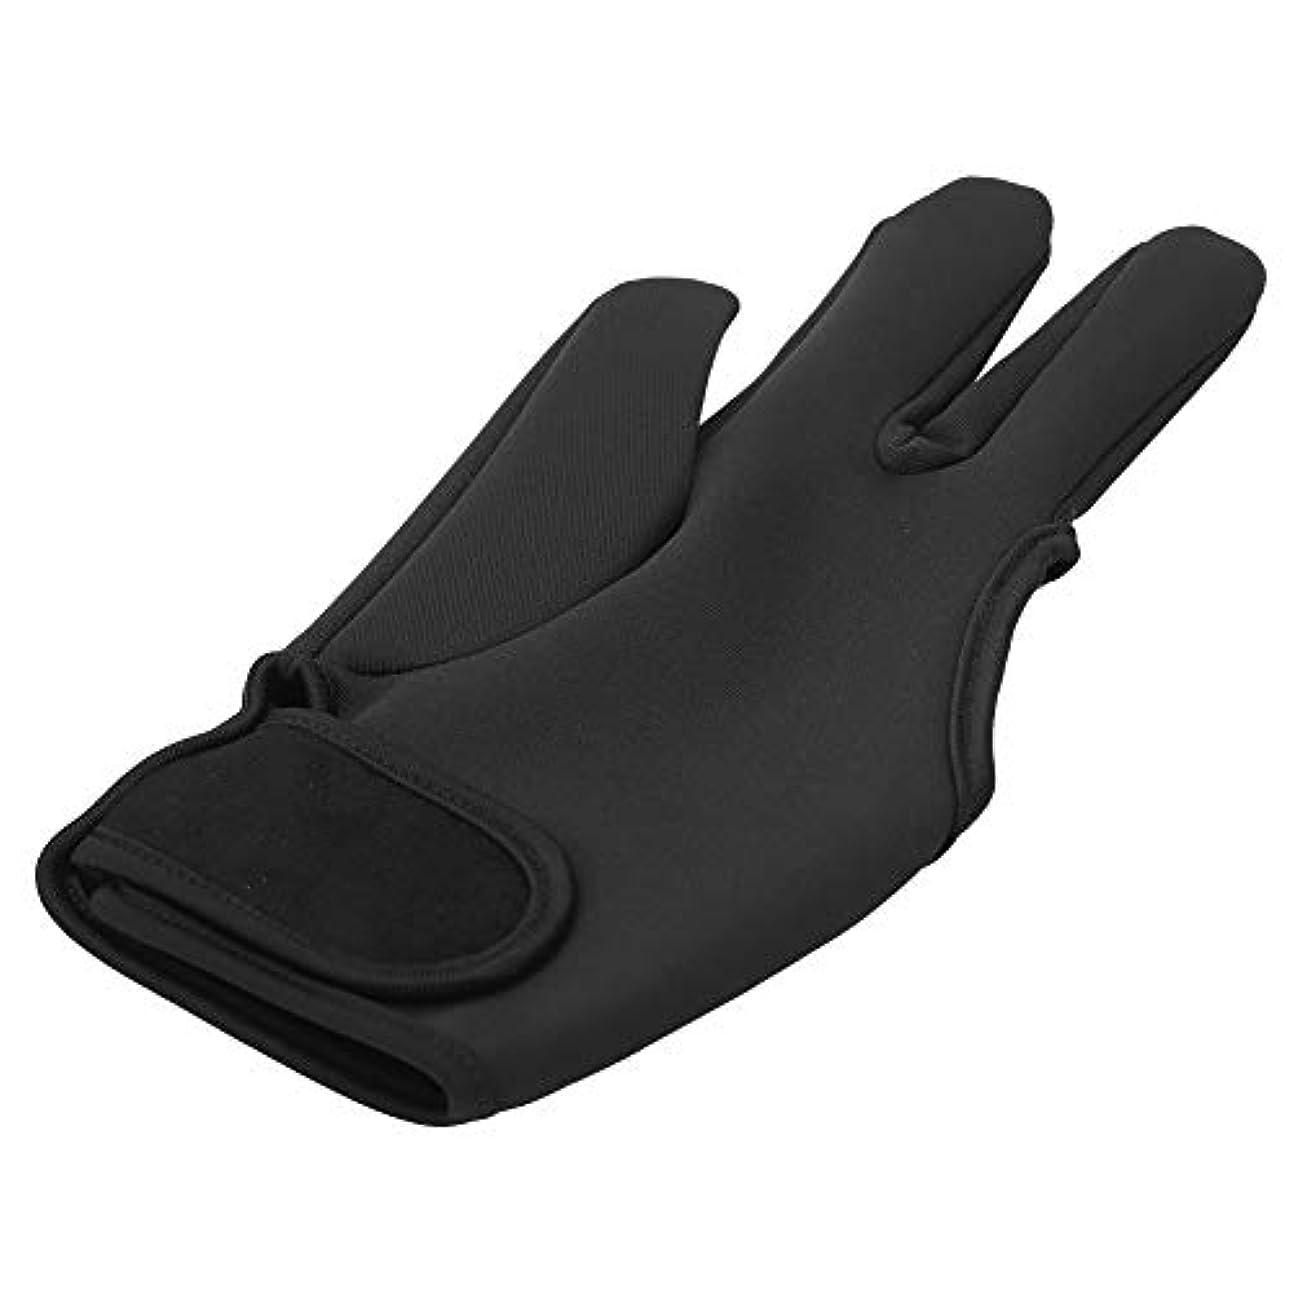 守る不要窓理髪手袋、理髪を行うときに手をやけどするのを防ぐためのプロの耐熱プルーフグローブ、美容院に最適